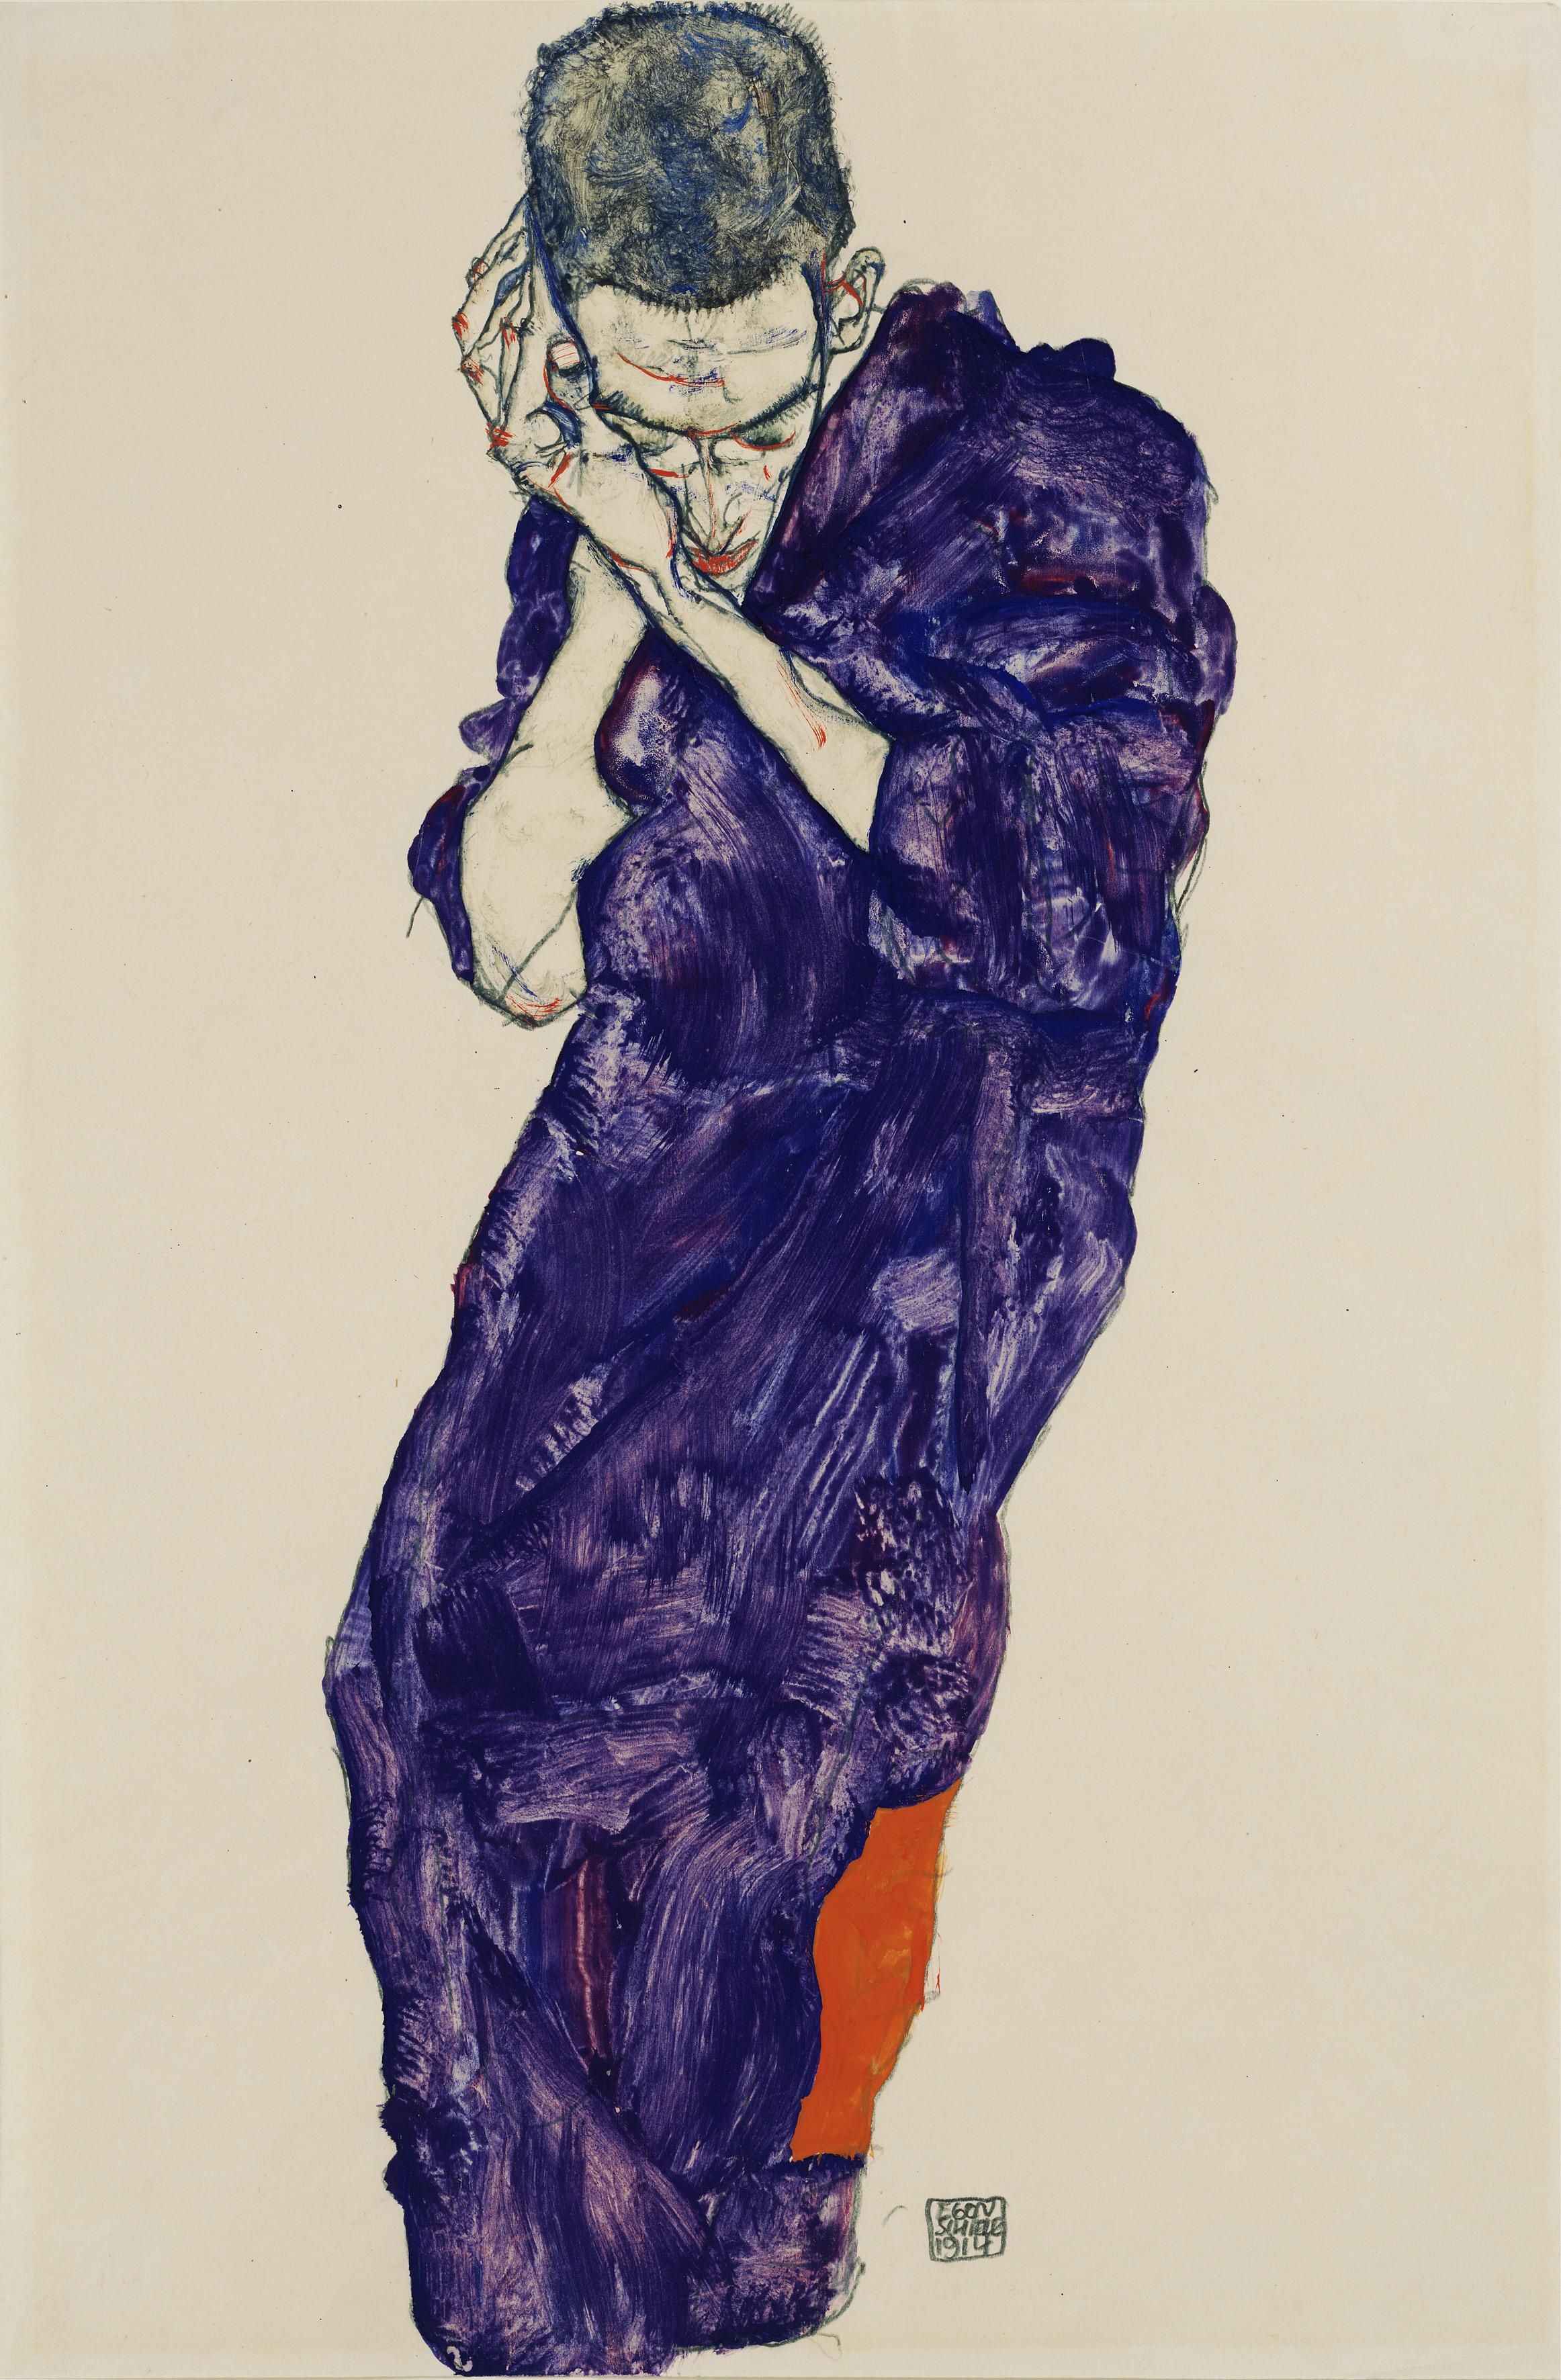 Egon Schiele: Jüngling in violetter Kutte mit verschränkten Händen, 1914 - nicht nur der Erlösungsdrang,sondern auch stilistische Wurzeln lassen sich von Schiele über Fidus bis zu Diefenbach verfolgen.